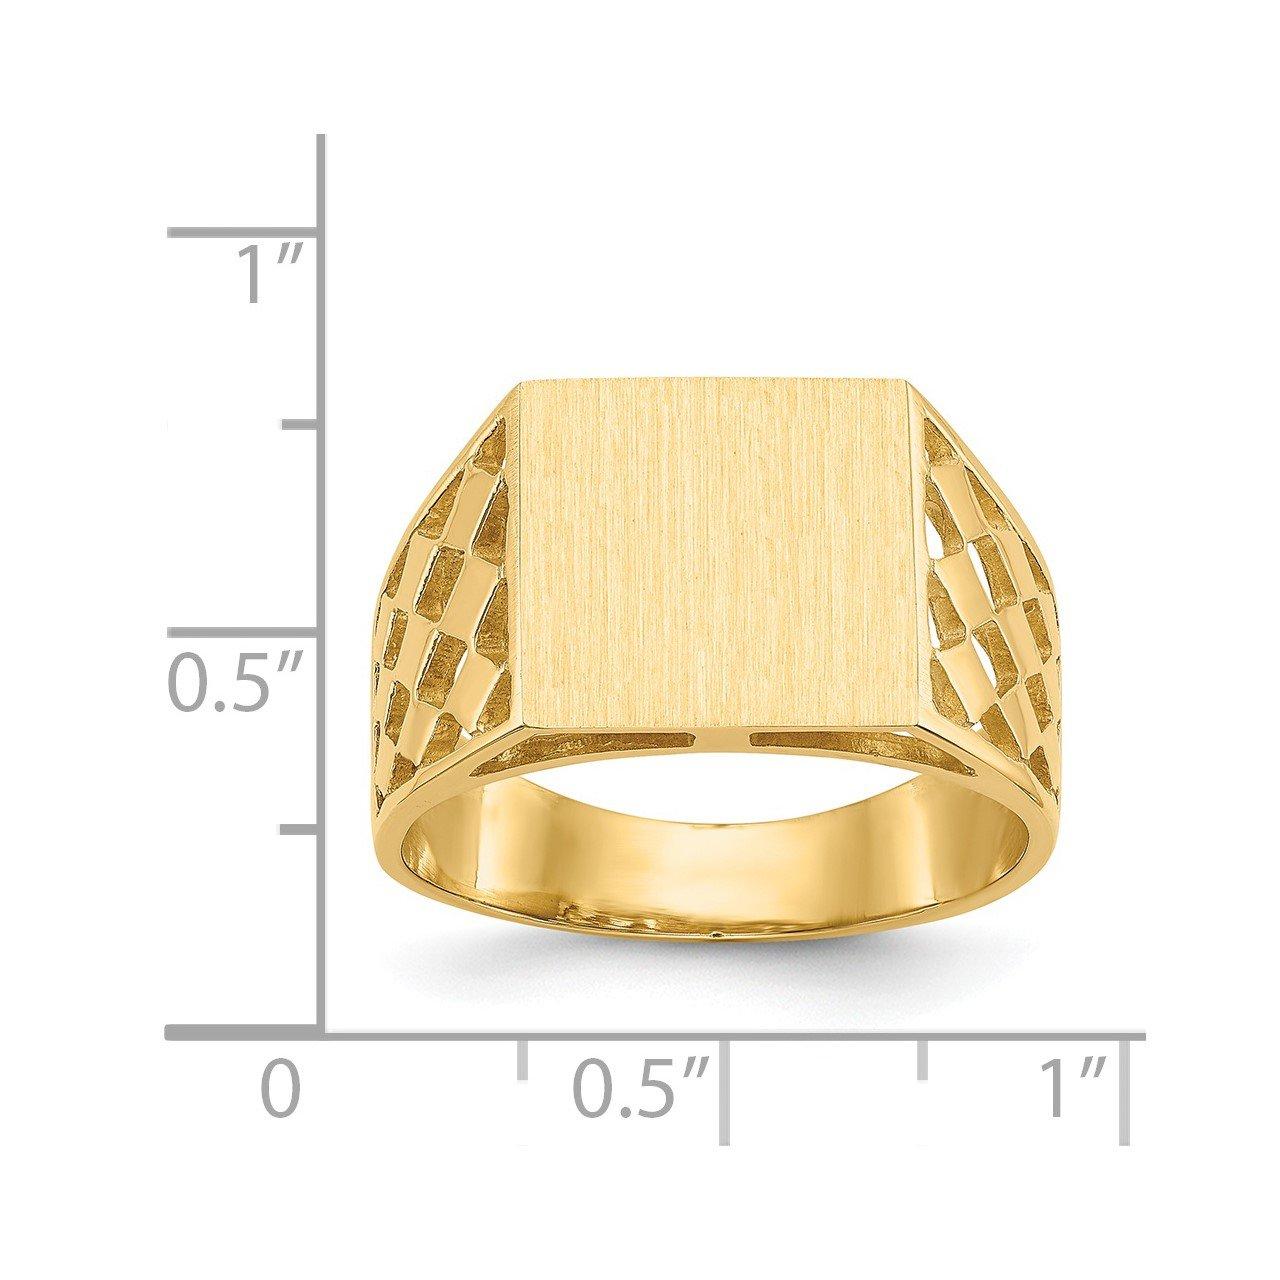 14k 12.0x12.5mm Open Back Men's Signet Ring-4